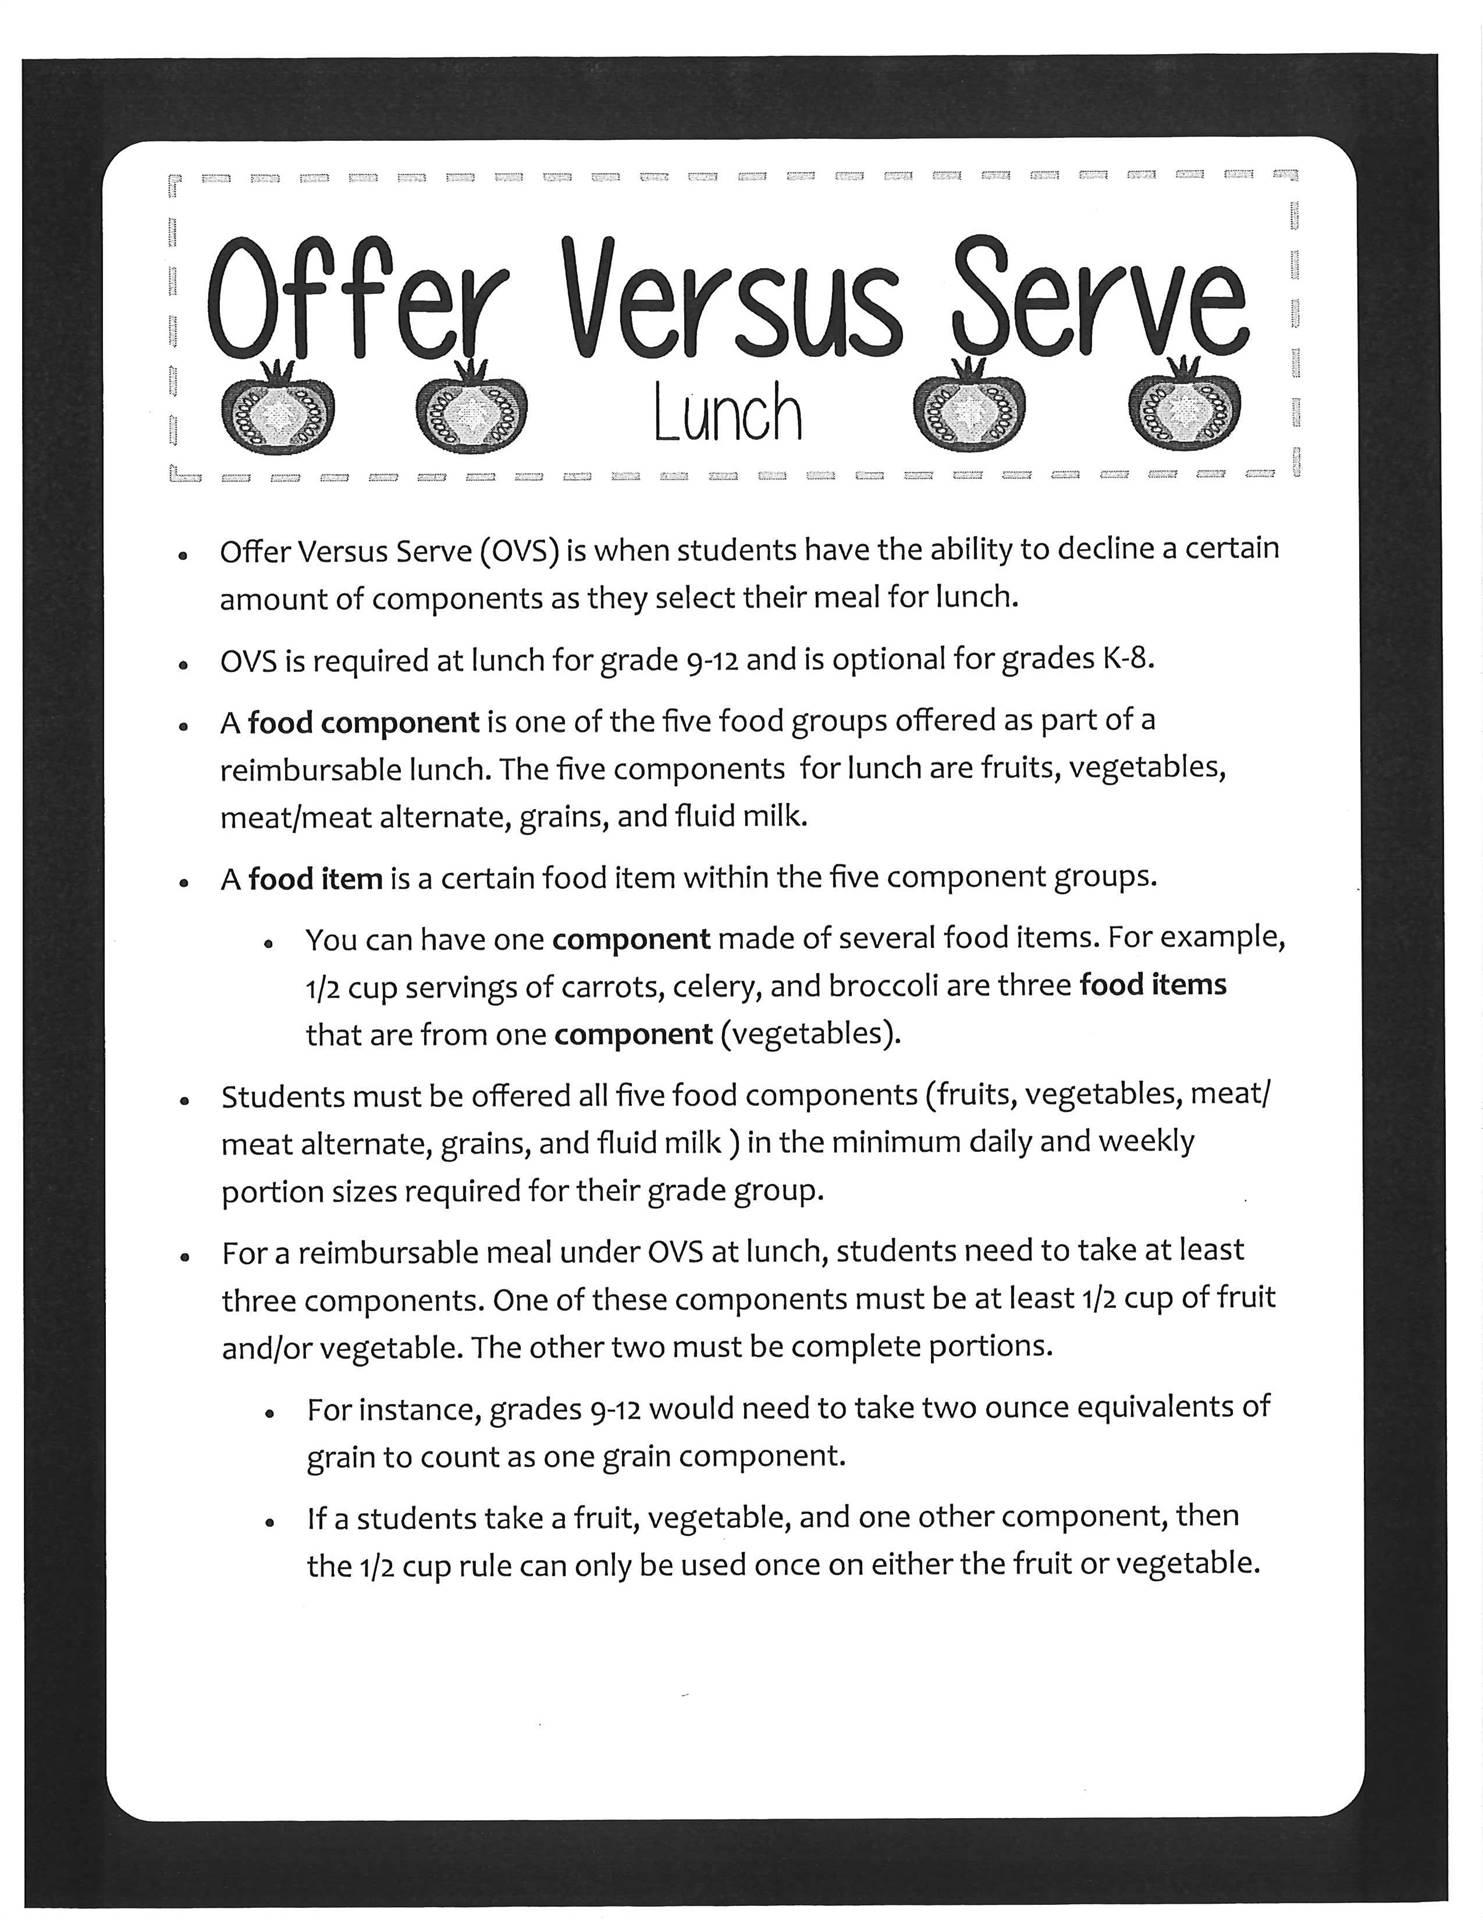 Offer Versus Server Lunch